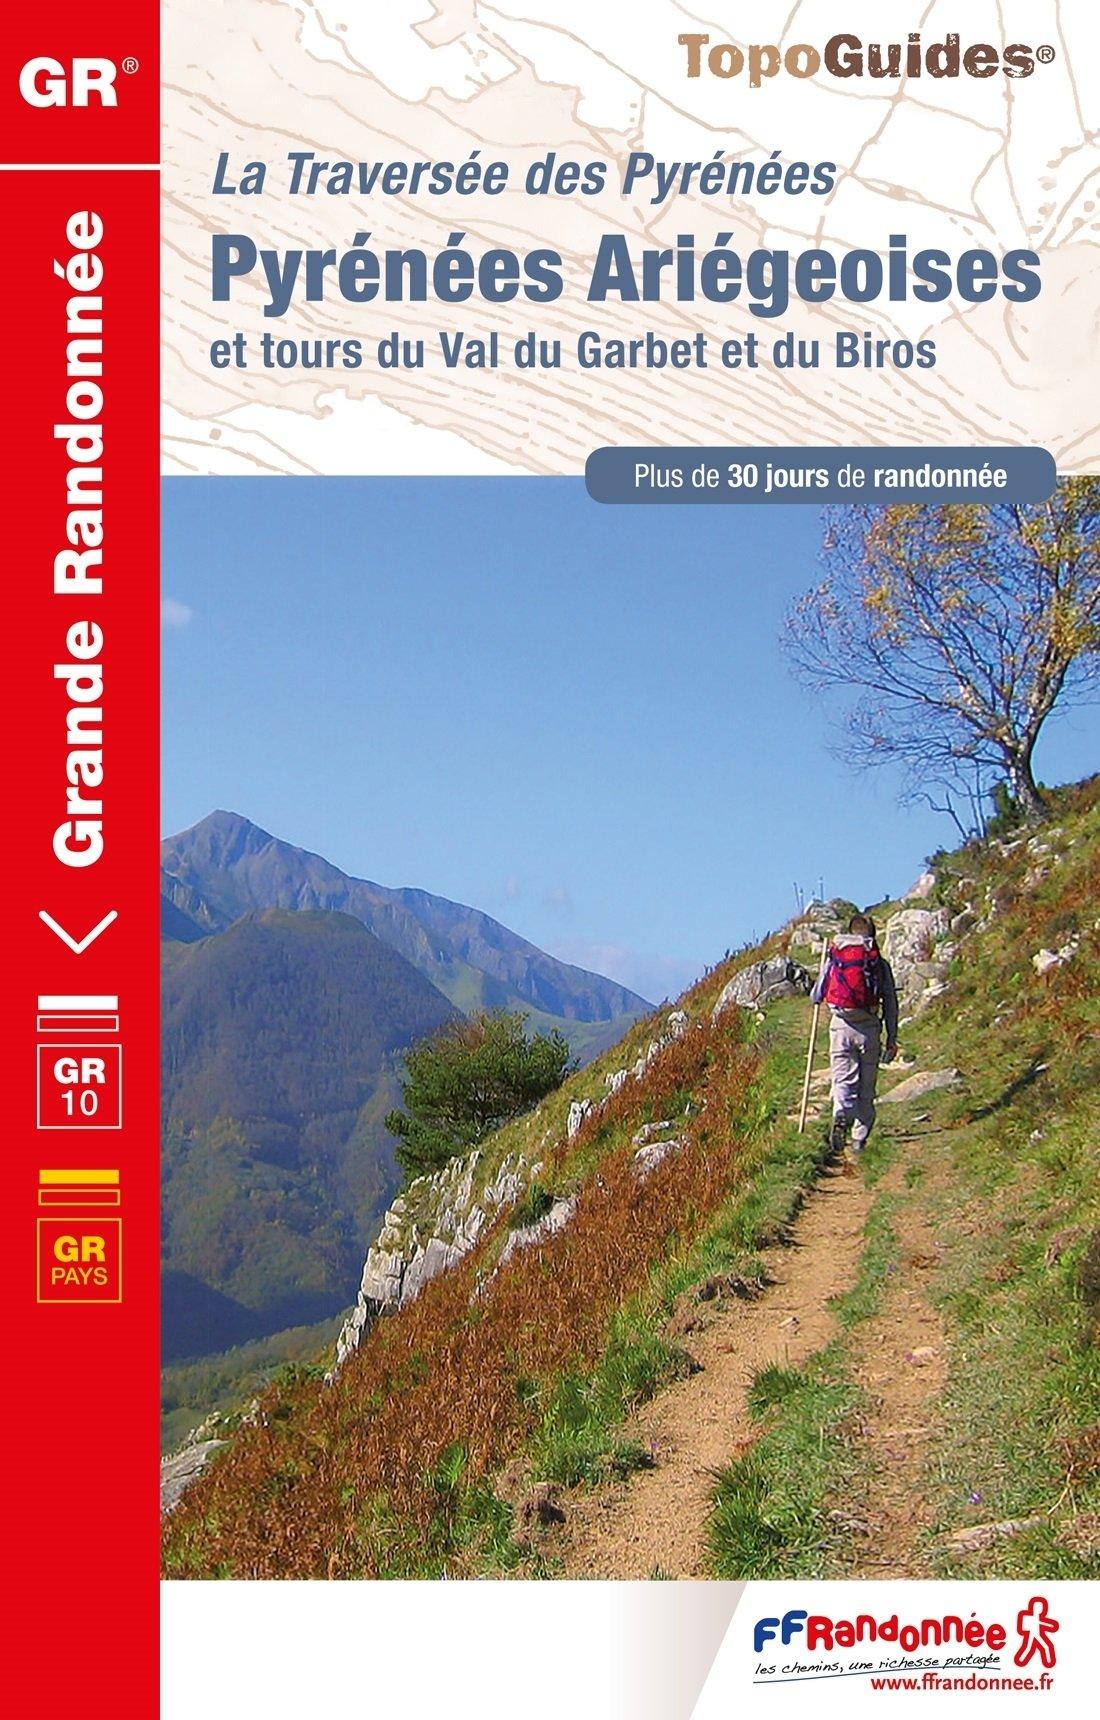 TG1090  Traversée des Pyrénées Ariégeoises | wandelgids GR-10 9782751409851  FFRP Topoguides  Meerdaagse wandelroutes, Wandelgidsen Franse Pyreneeën, Toulouse, Gers, Garonne